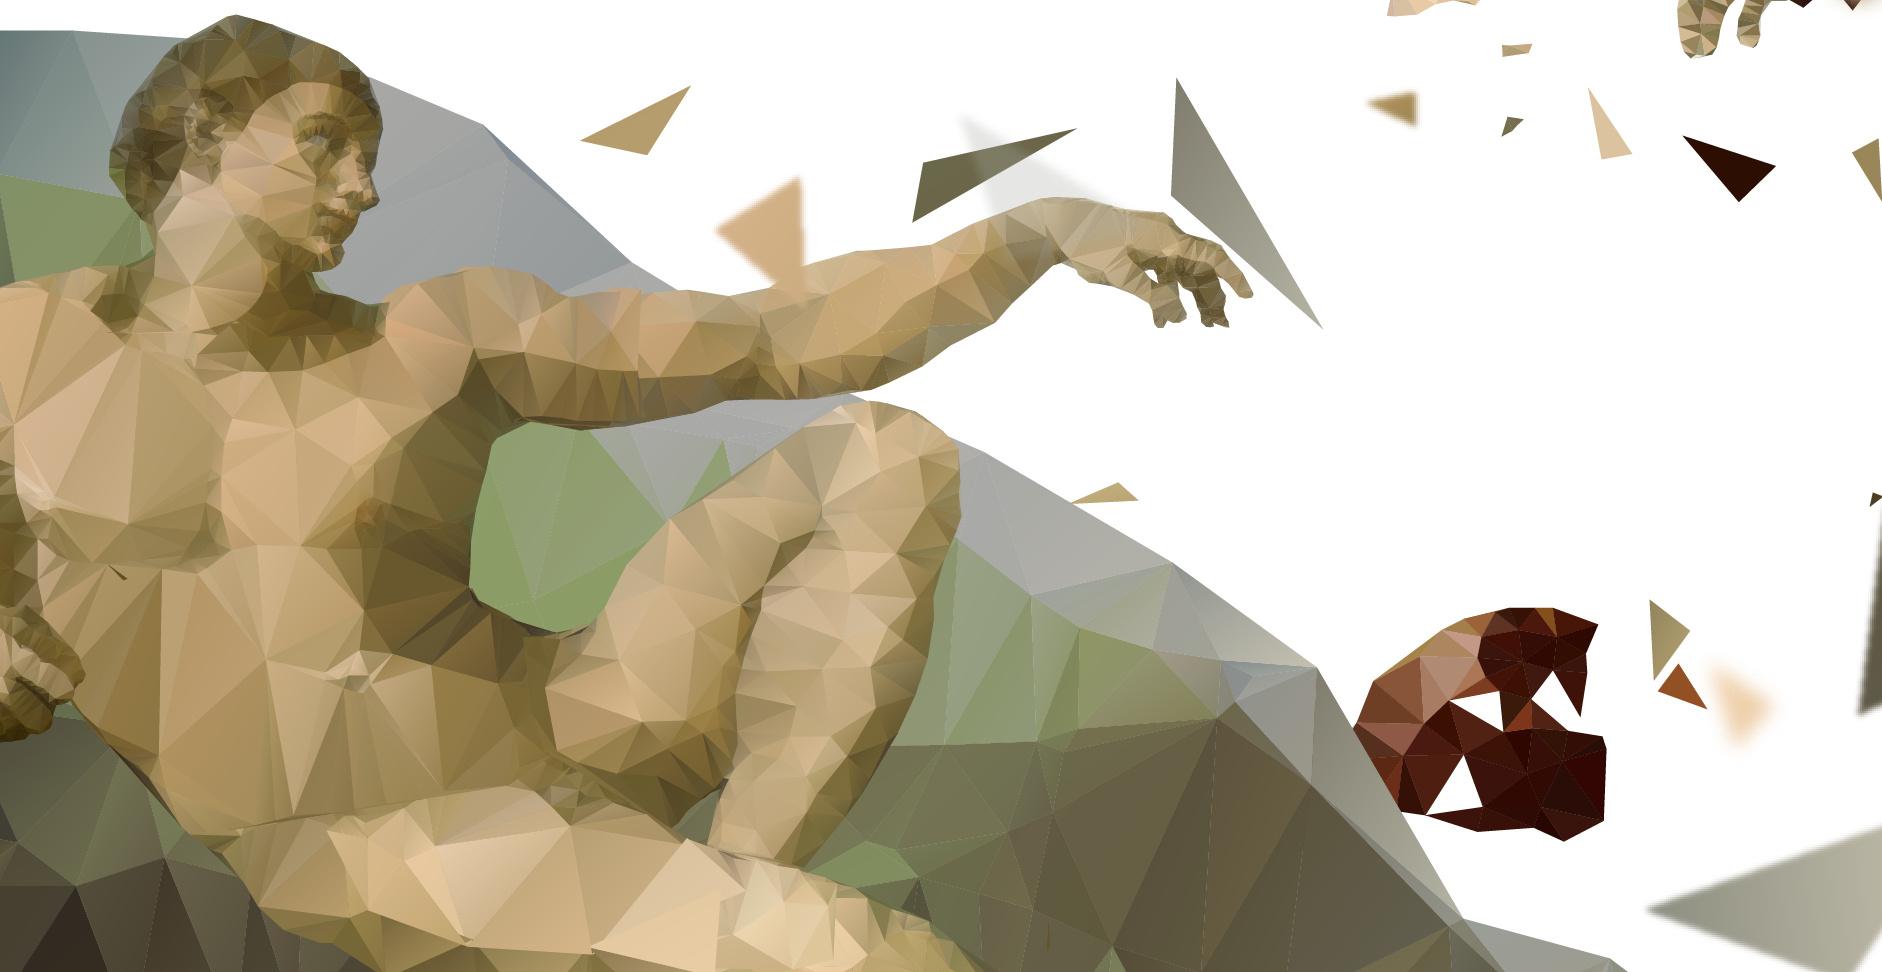 新浪_百度预测-画面意境创意稿-上帝创造亚当 平面 海报 安_Ann - 原创 ...